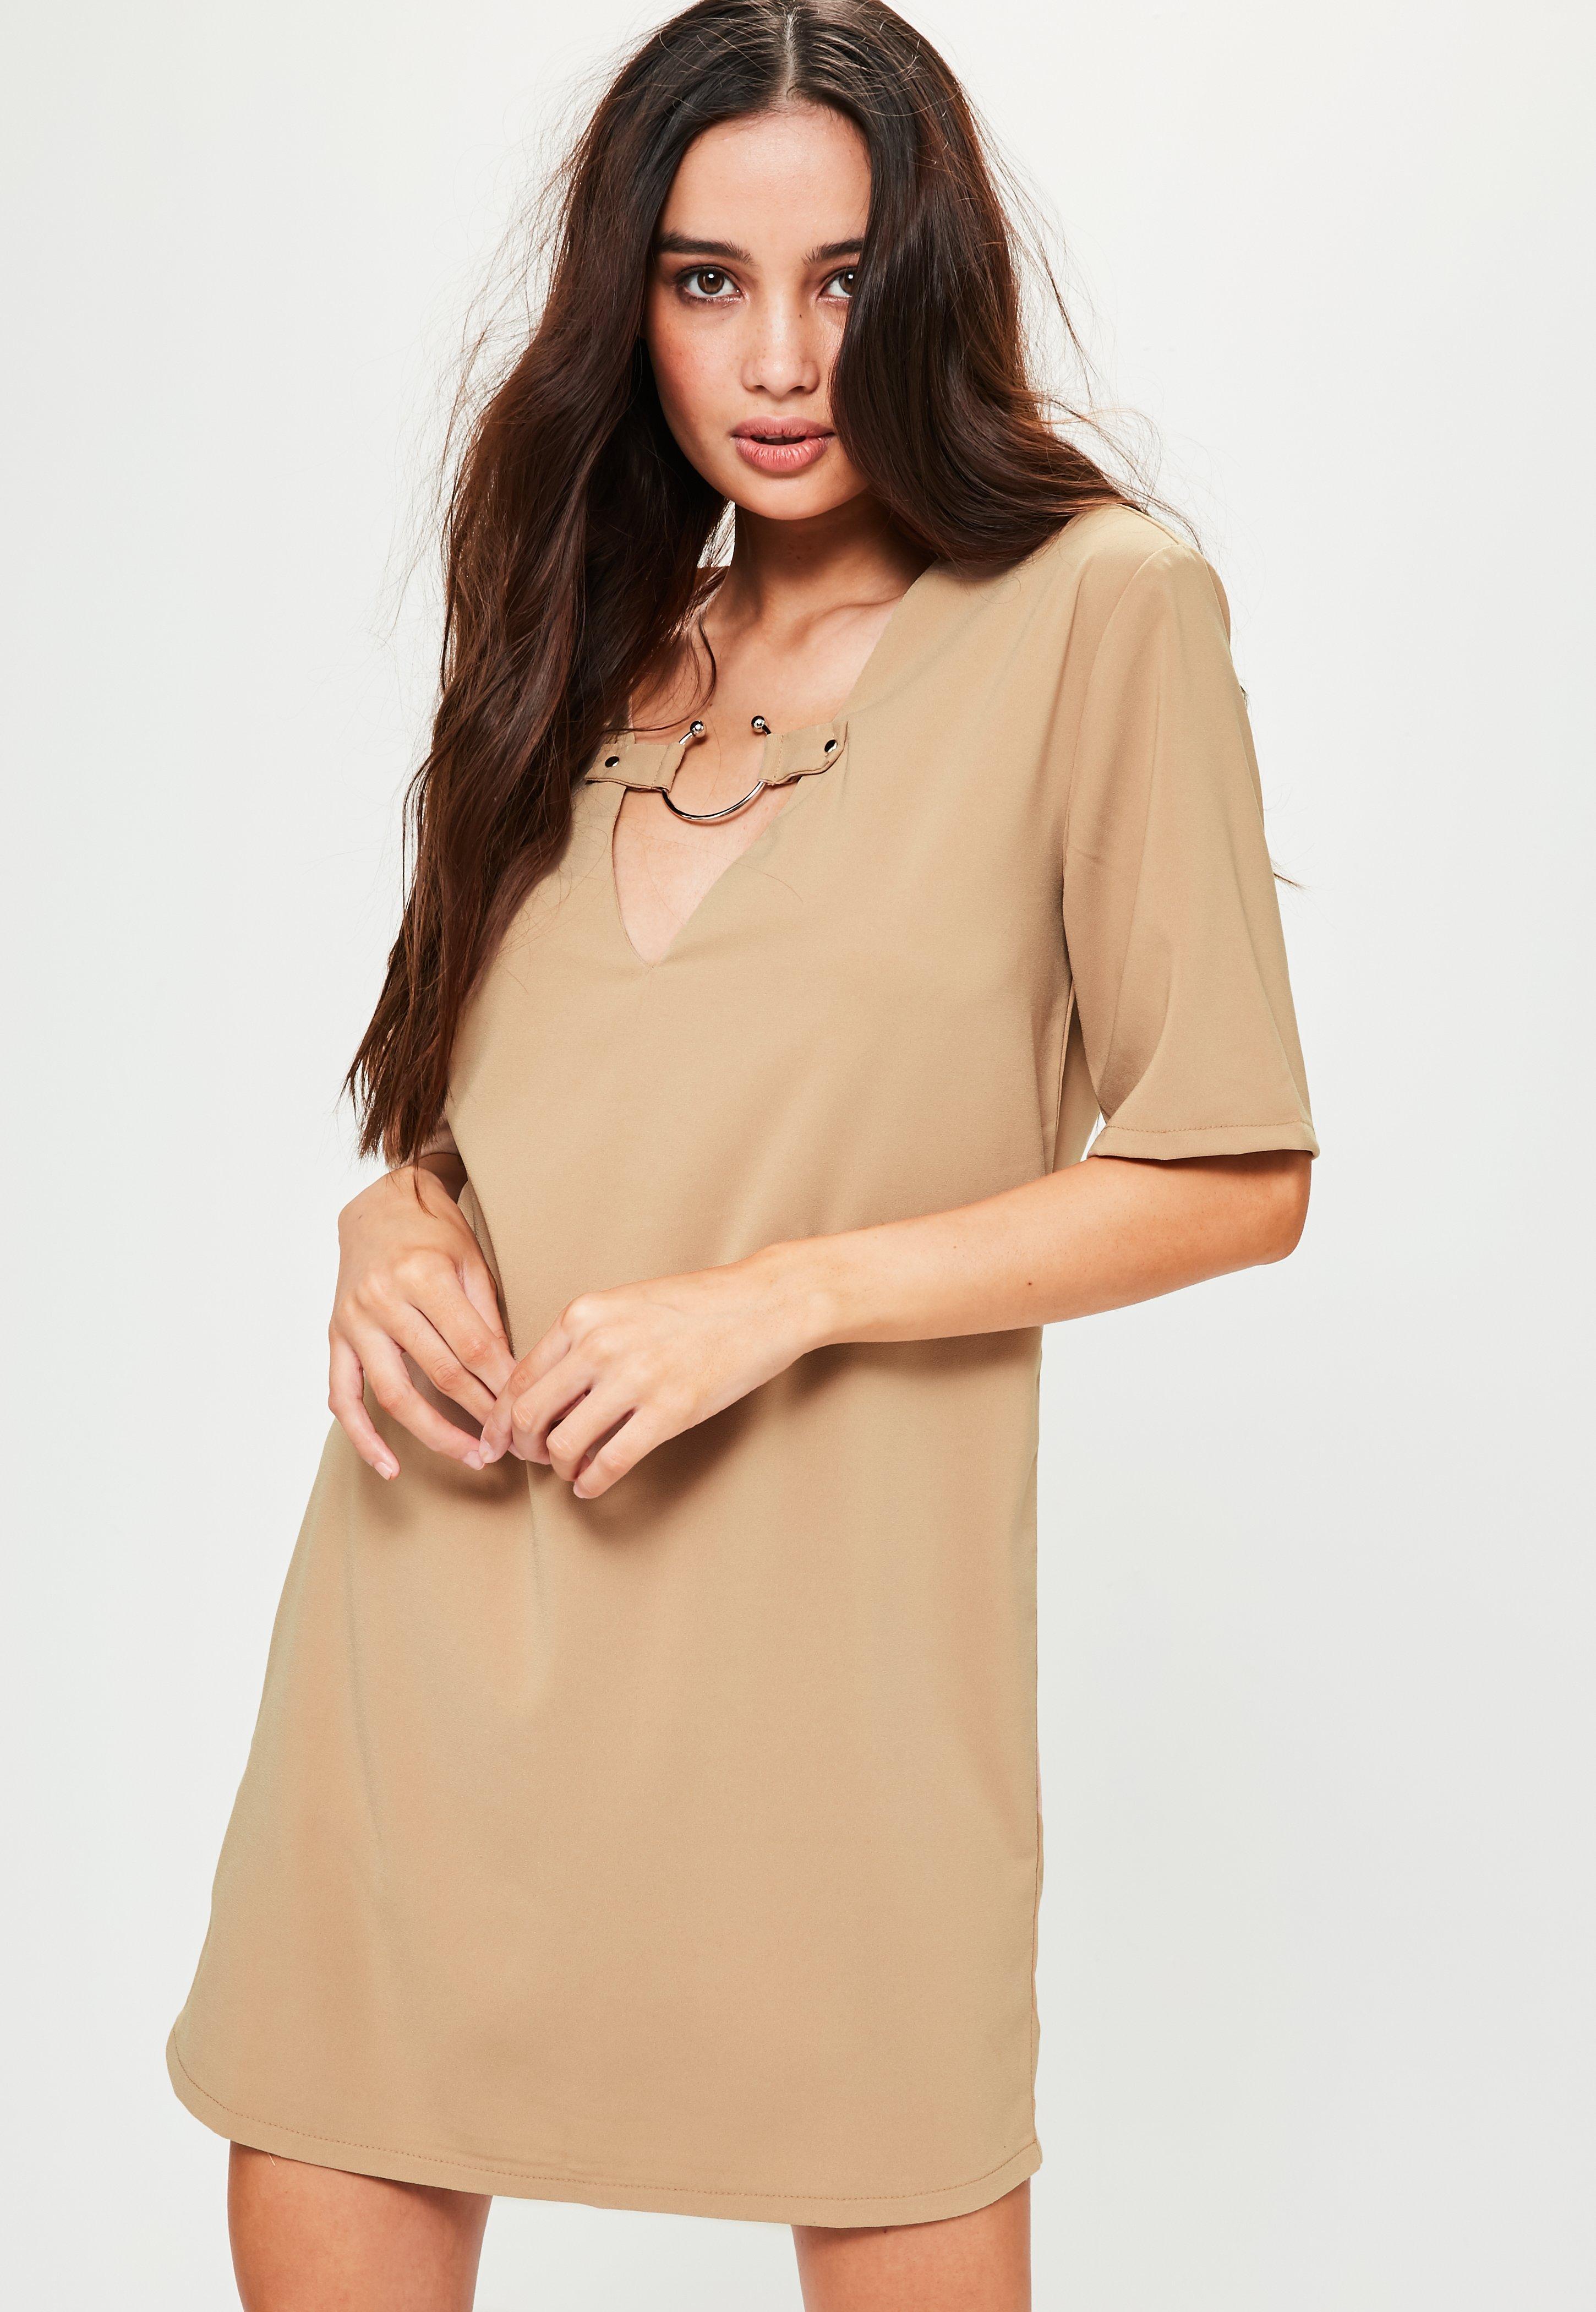 Yellow short dresses for women